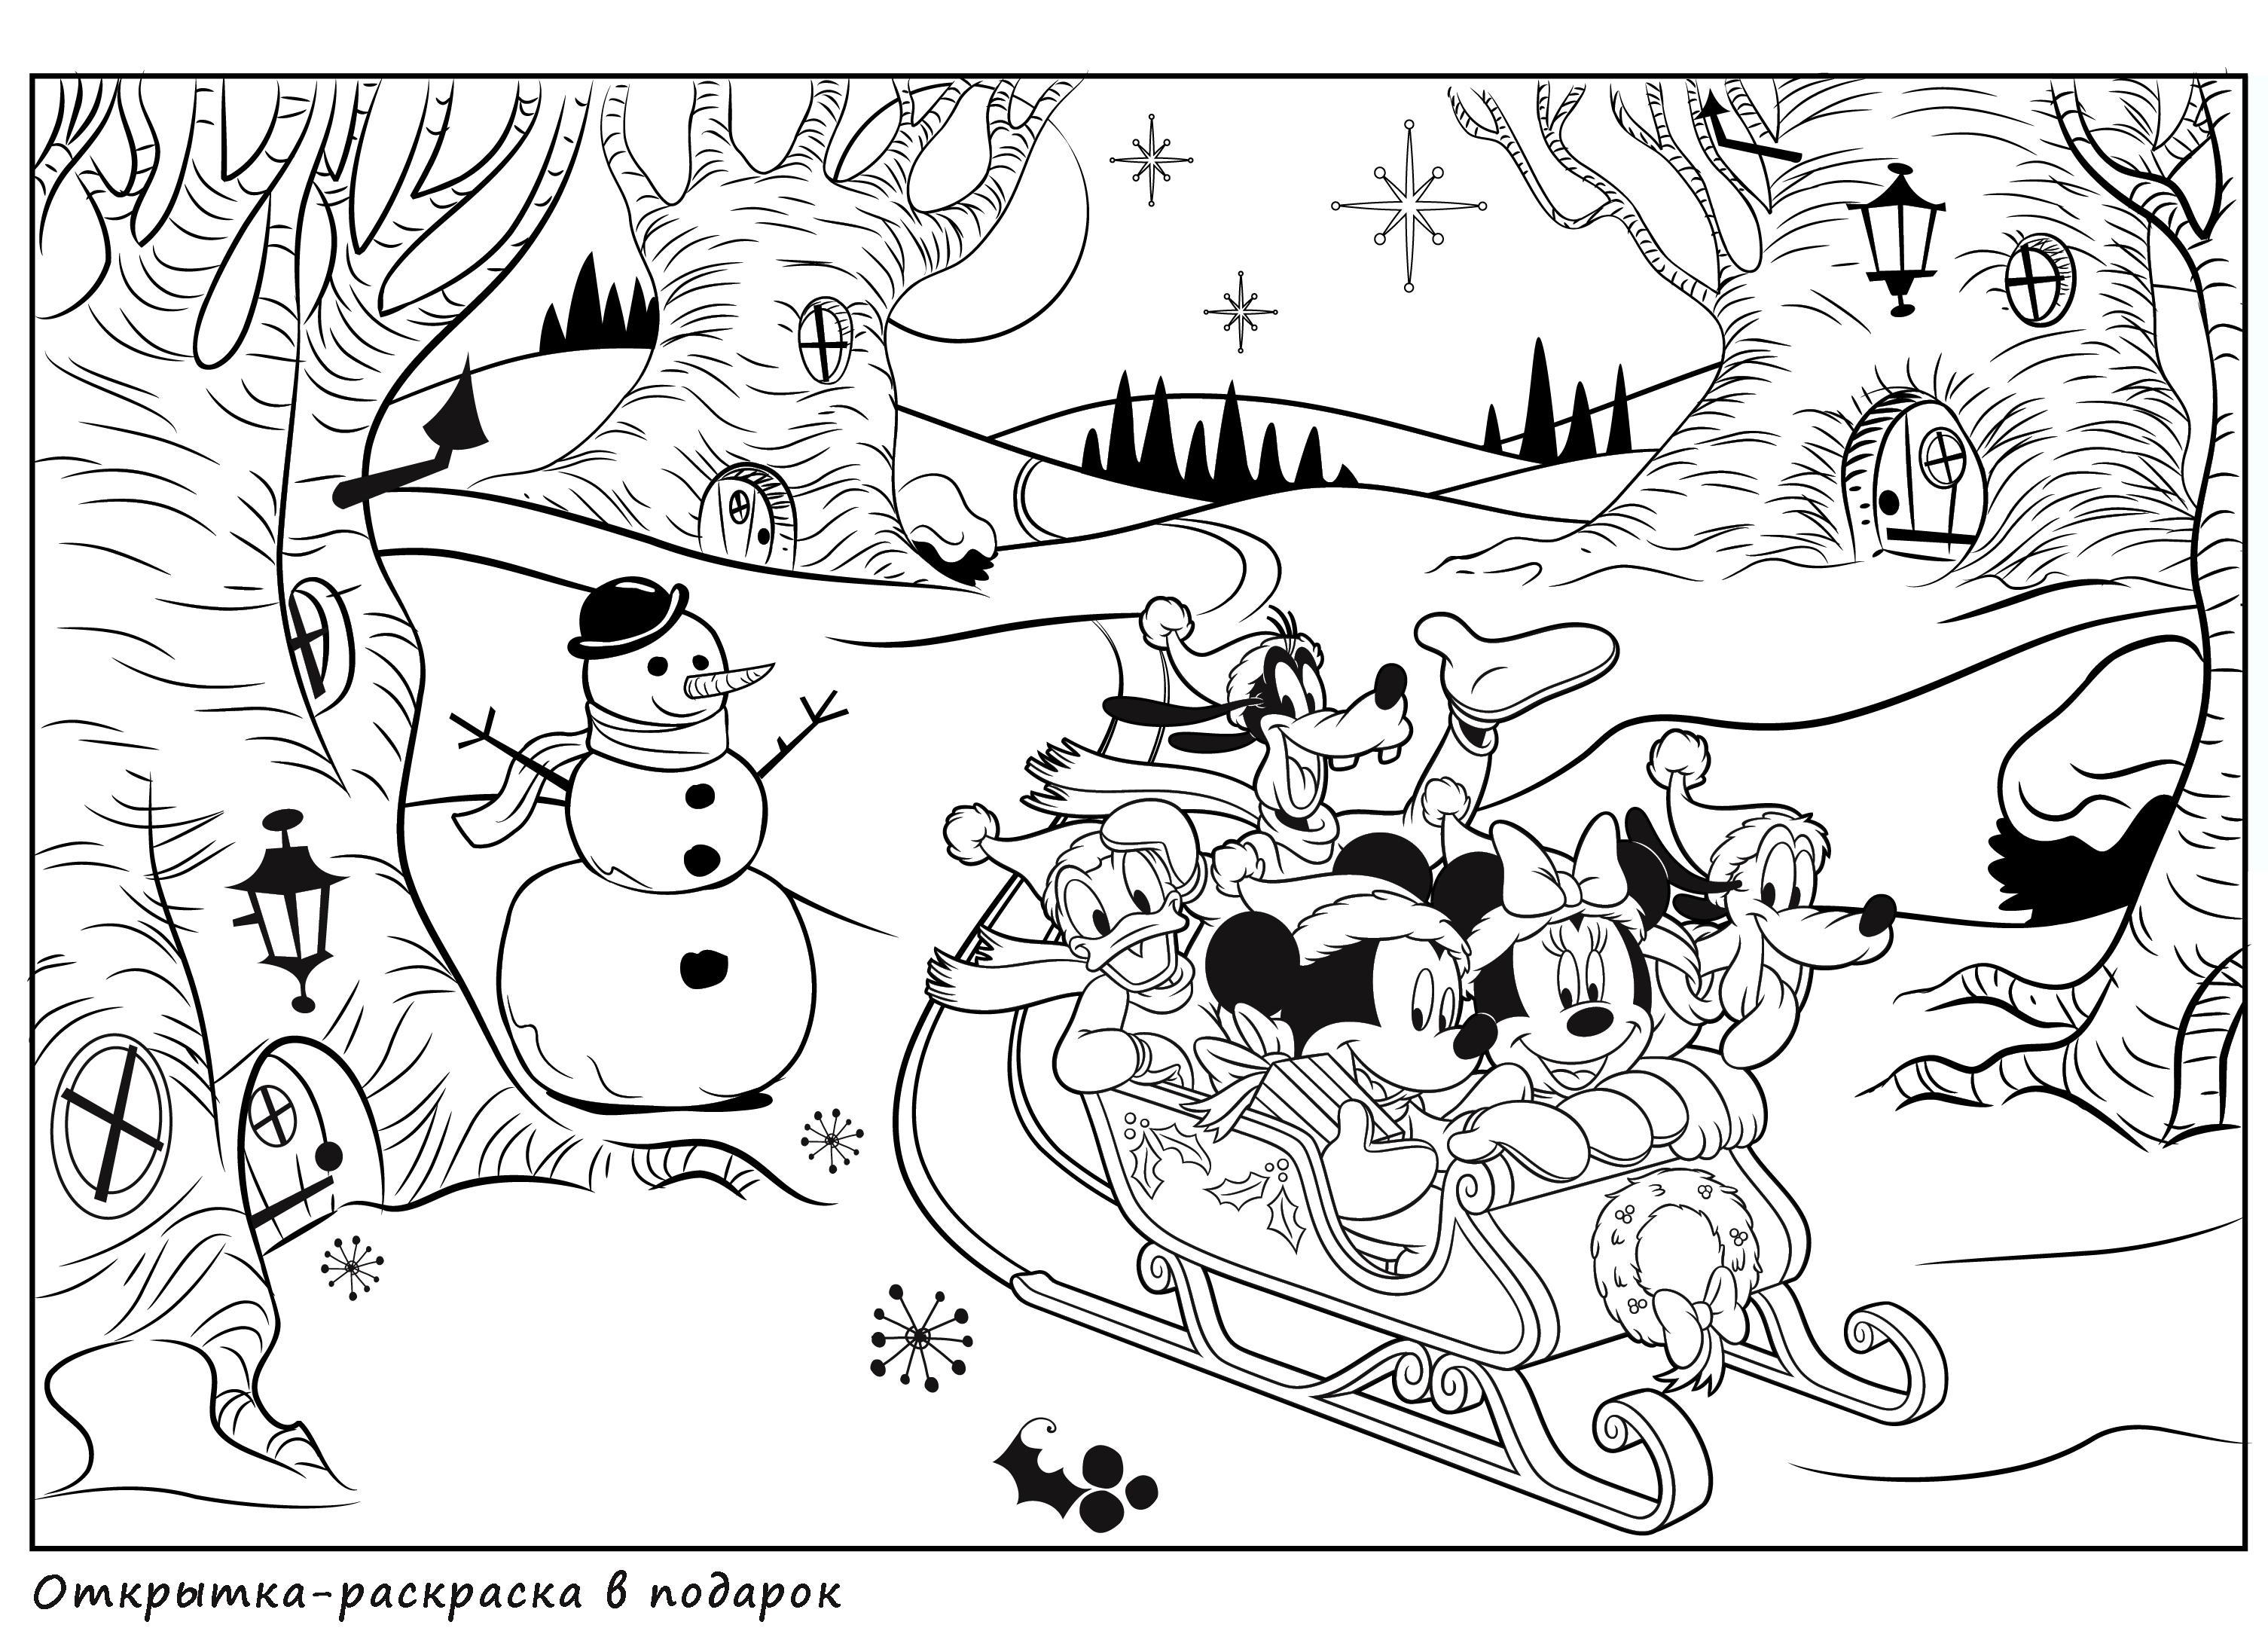 Открытка раскраска в подарок, с героями мультфильма миккимаус Рисунок раскраска на зимнюю тему